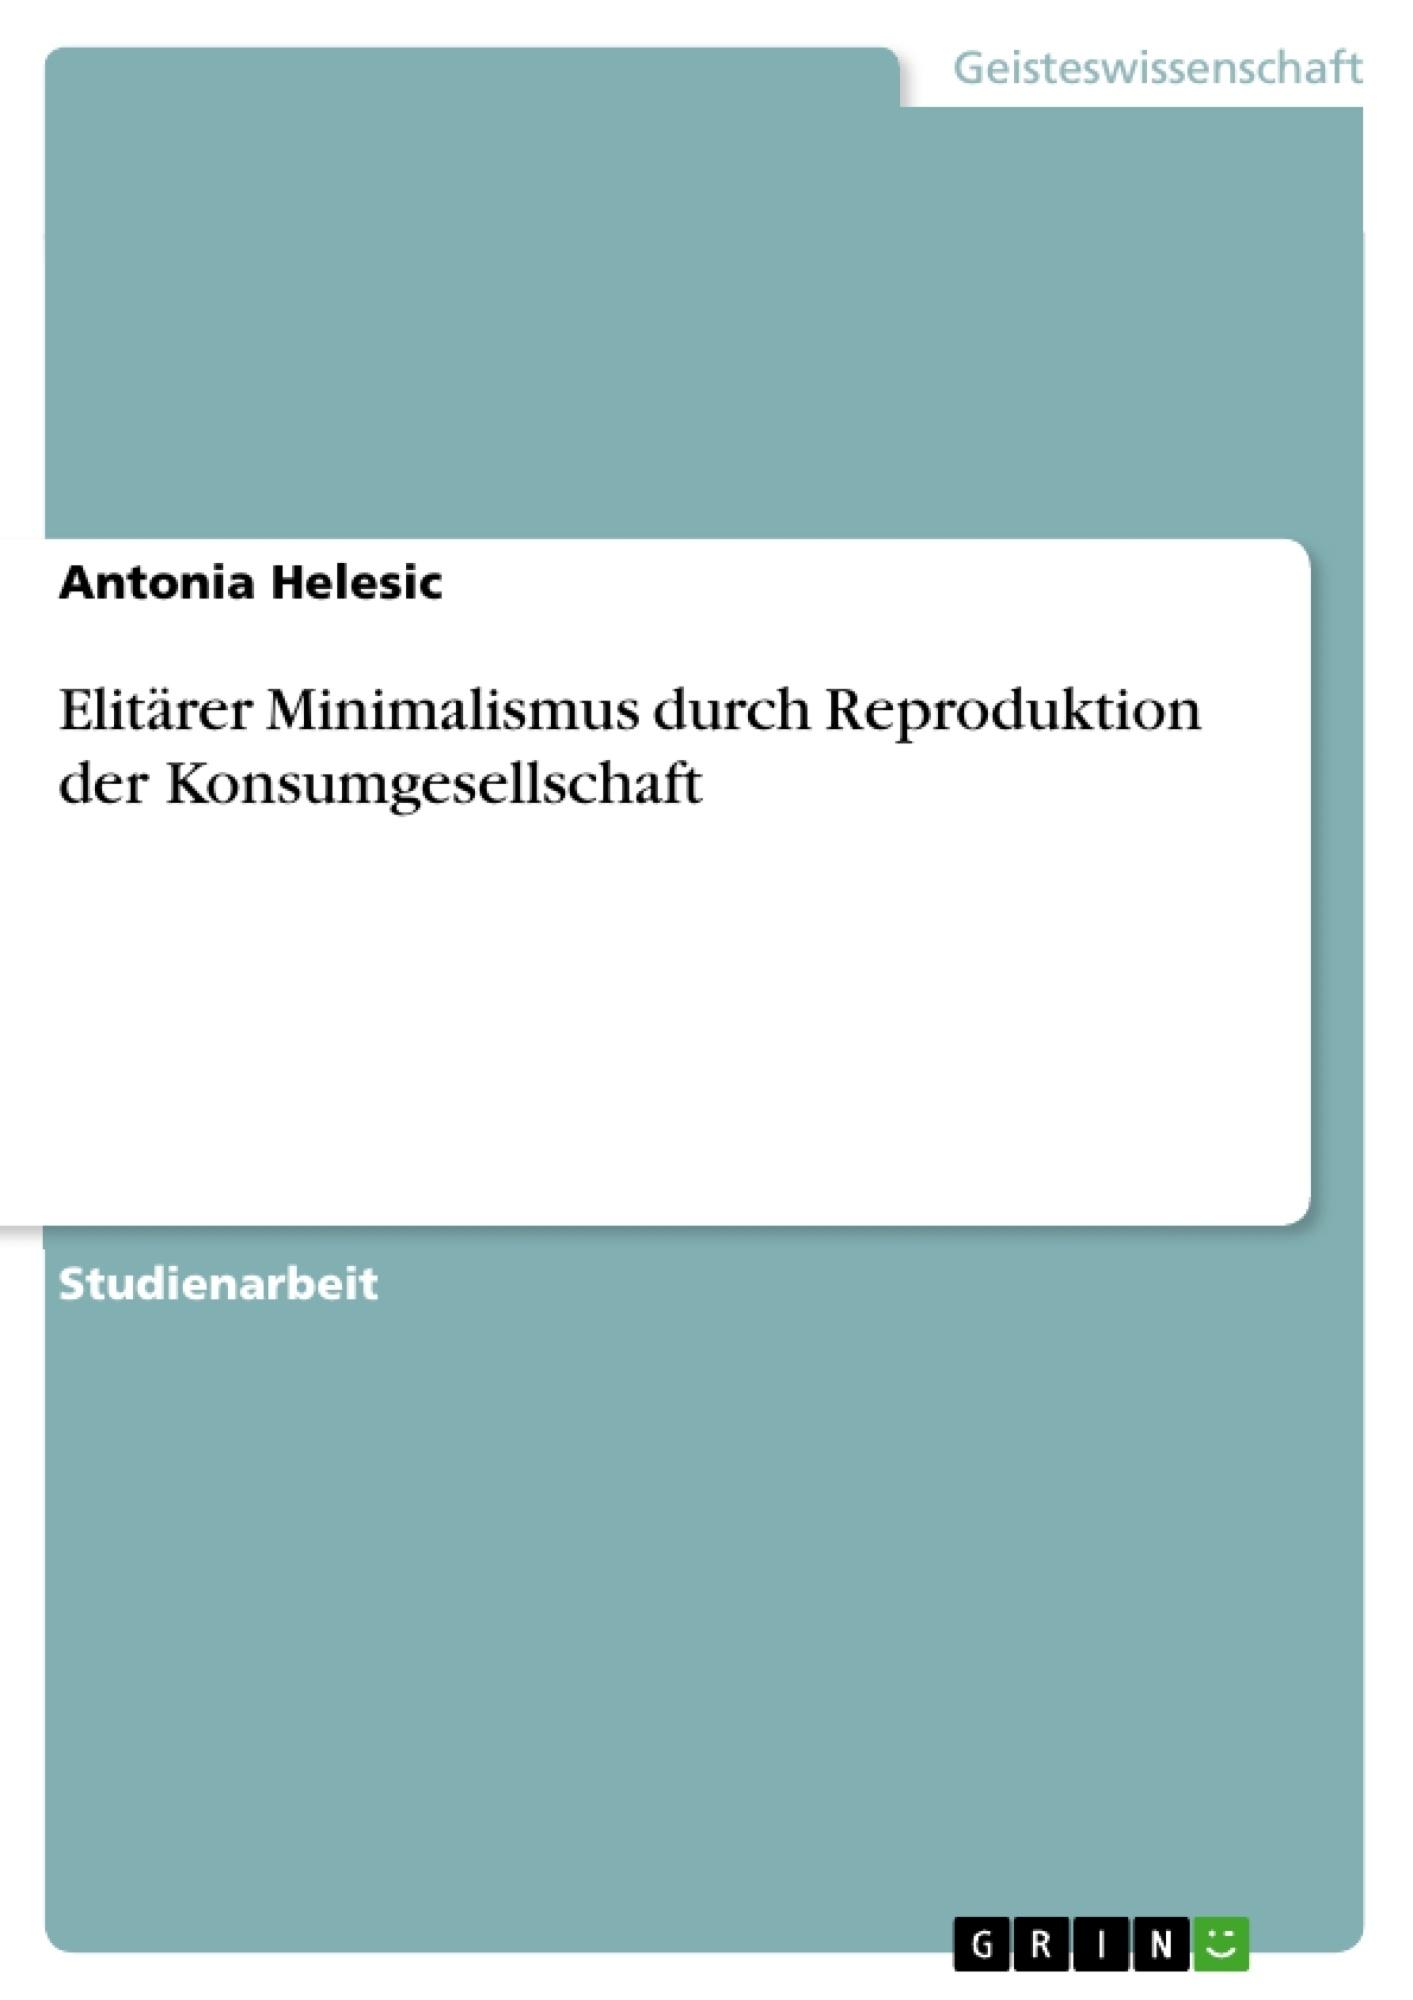 Titel: Elitärer Minimalismus durch Reproduktion der Konsumgesellschaft